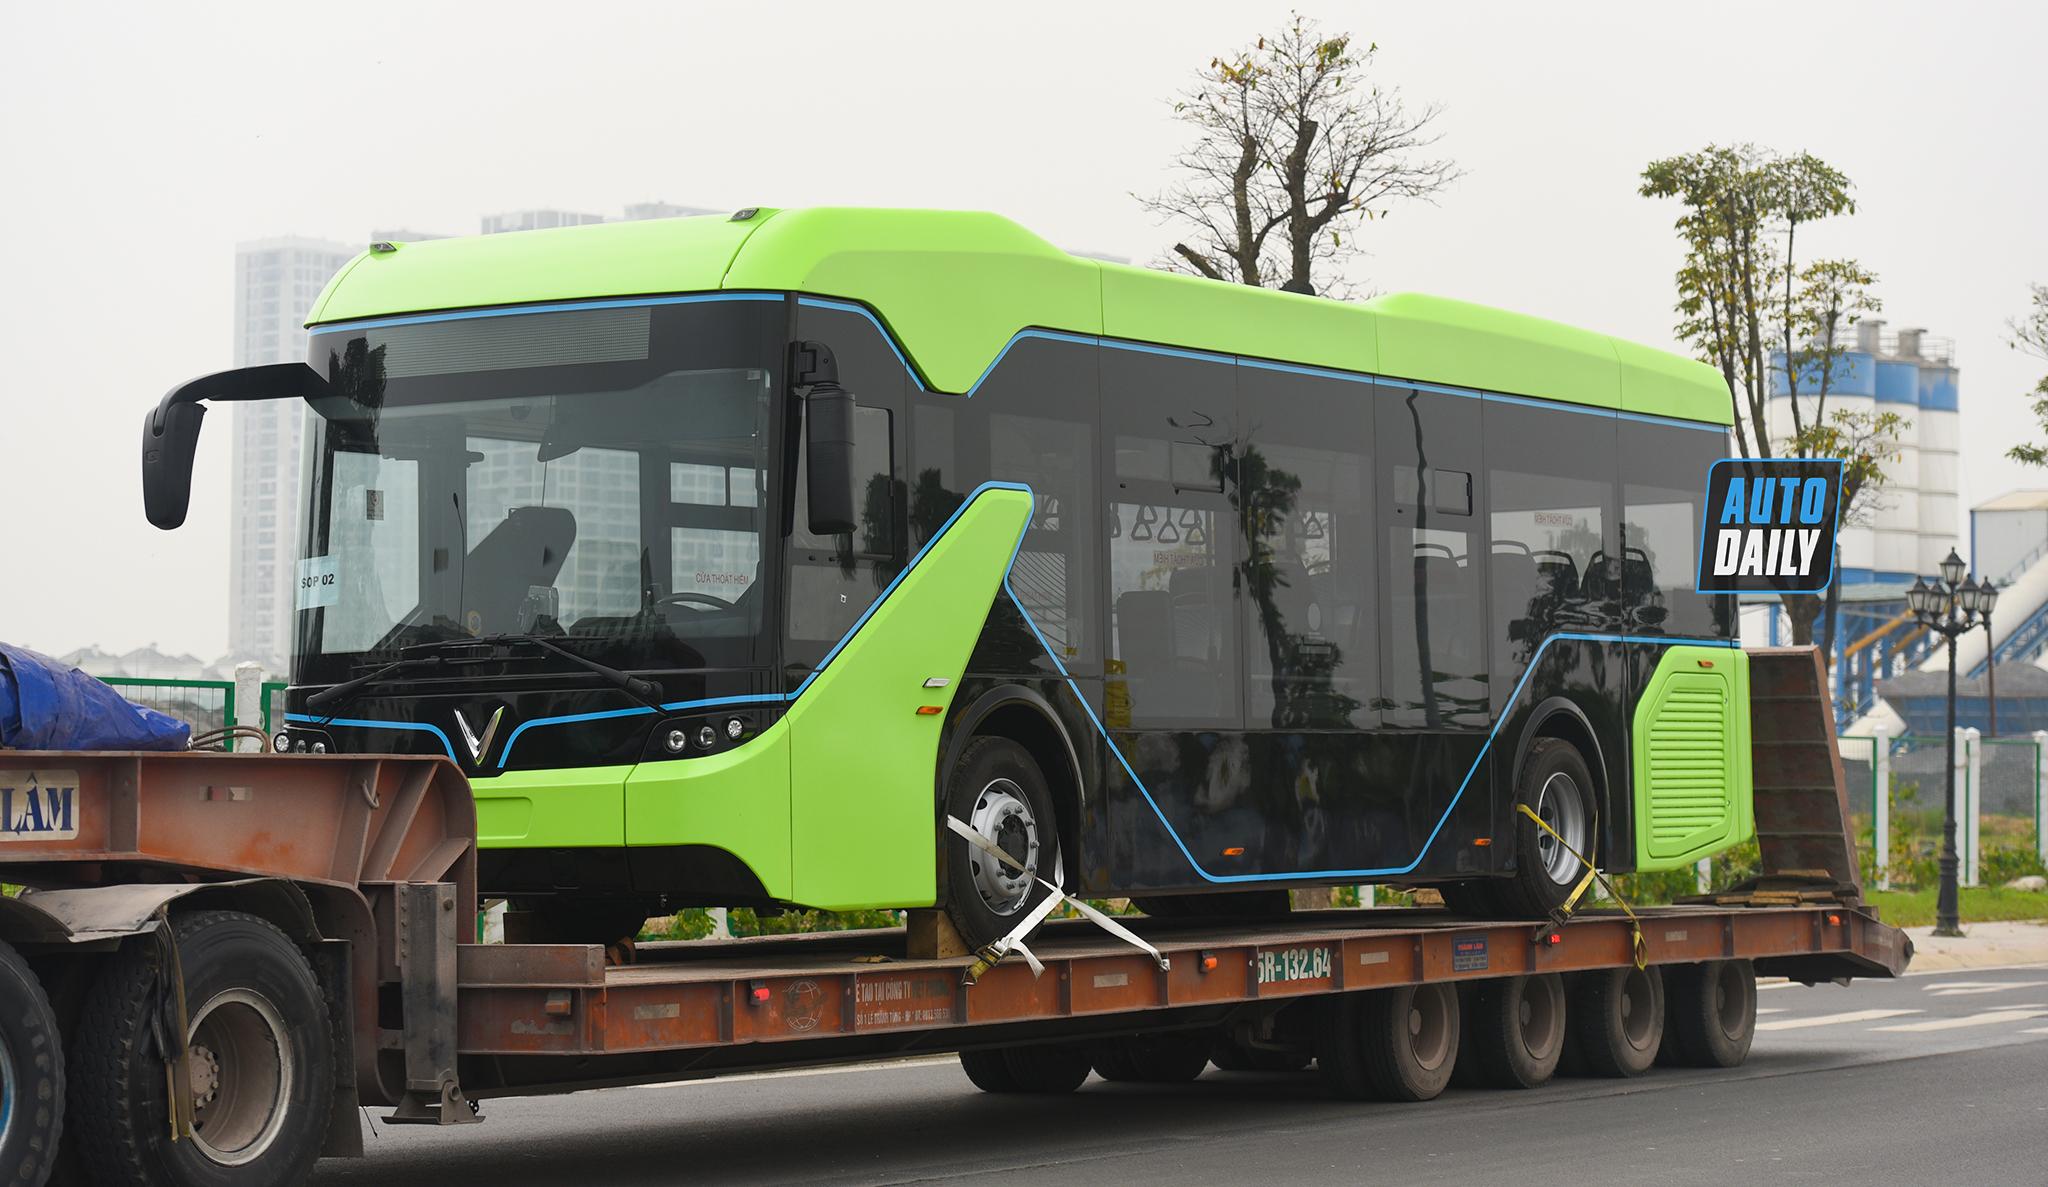 Chùm ảnh loạt xe Bus điện VinFast có mặt tại Hà Nội, sẵn sàng chạy thí điểm dsc-3846-copy.jpg